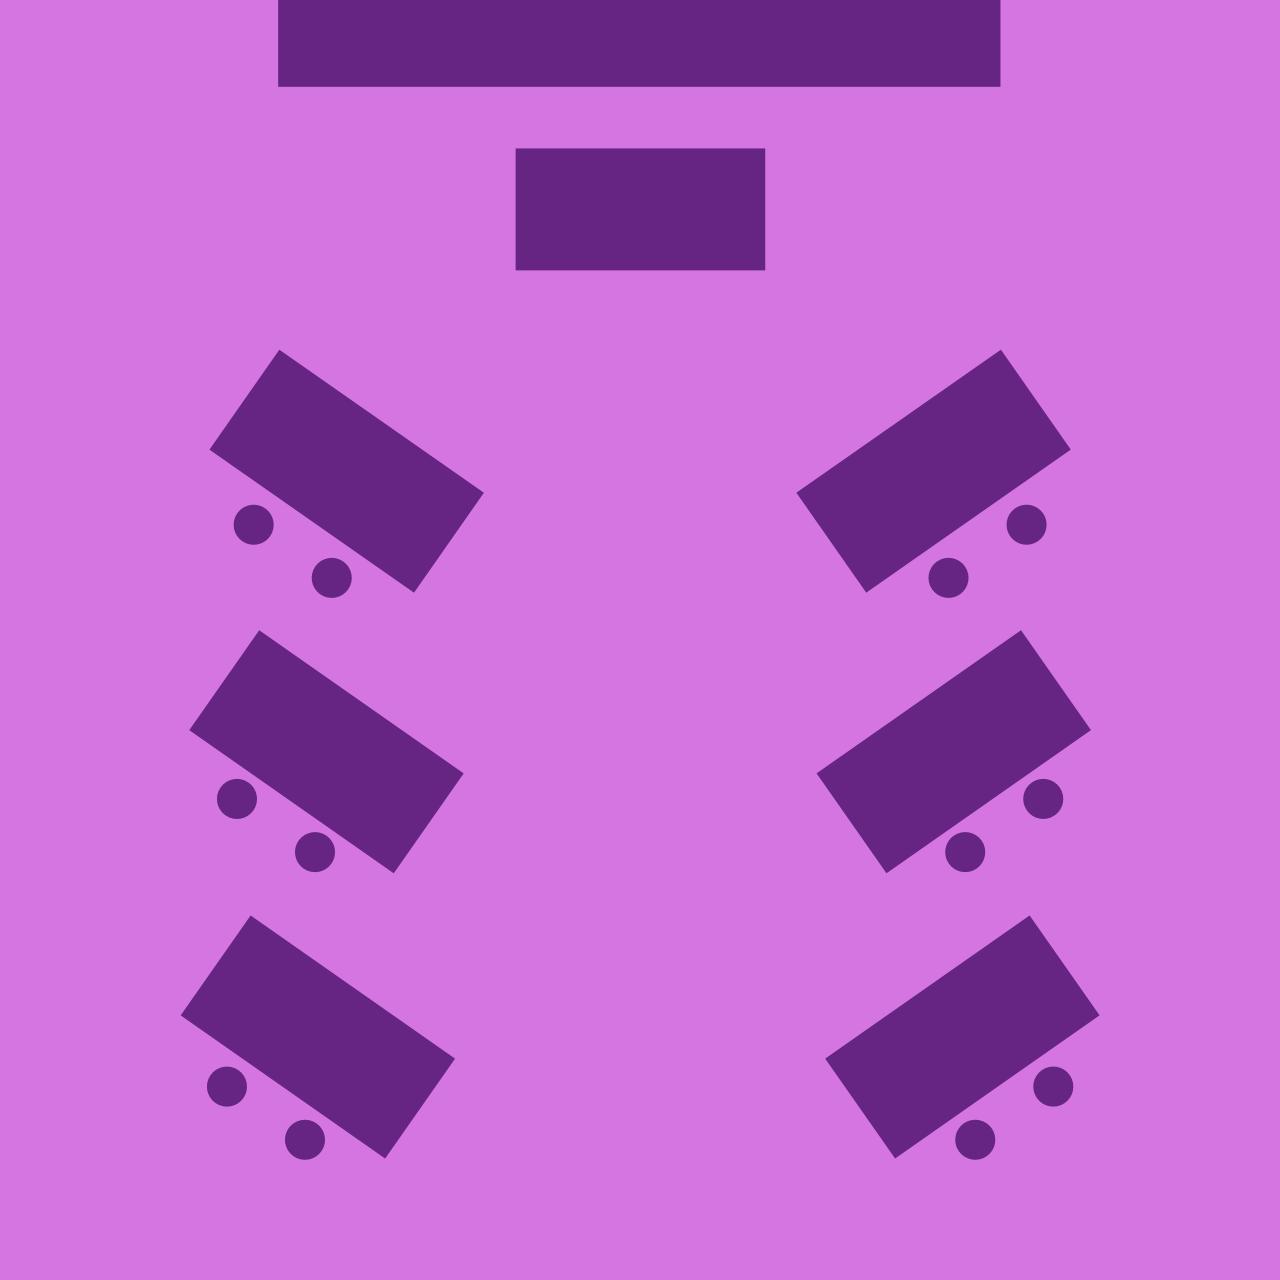 slice5.png